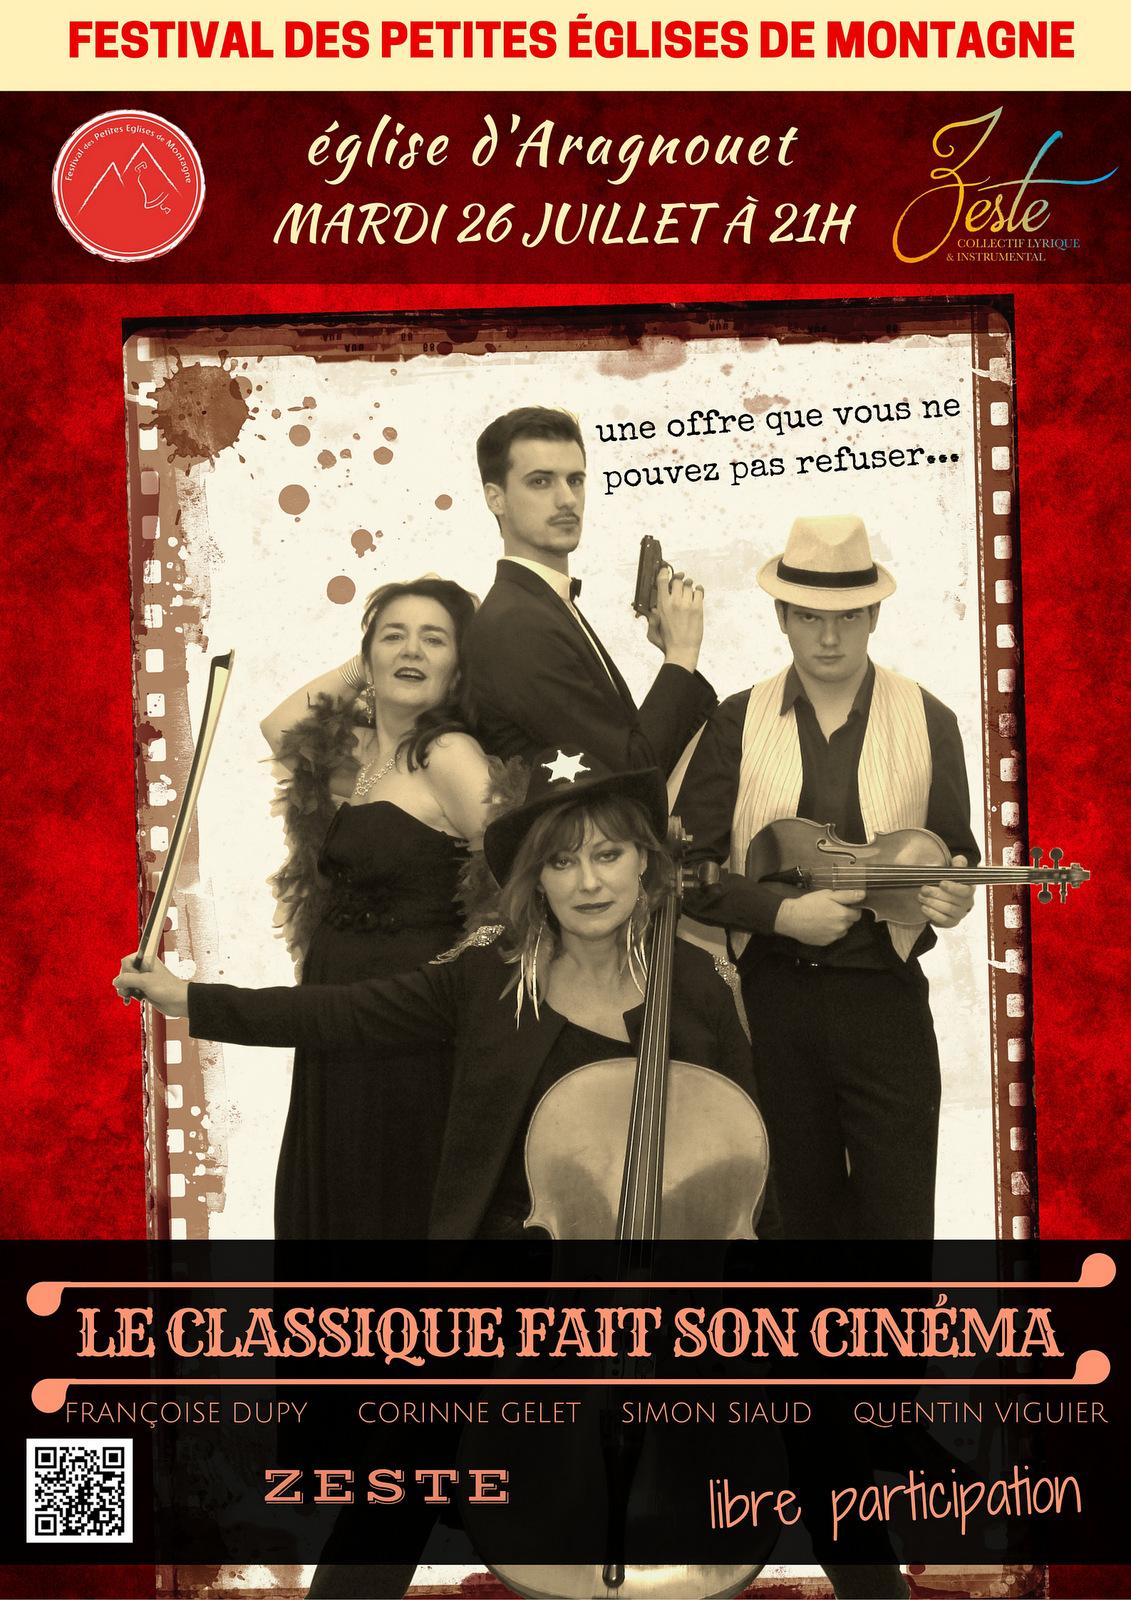 L'ensemble Zeste fait son cinéma en interprétant des airs de films à Aragnouet le 26 juillet